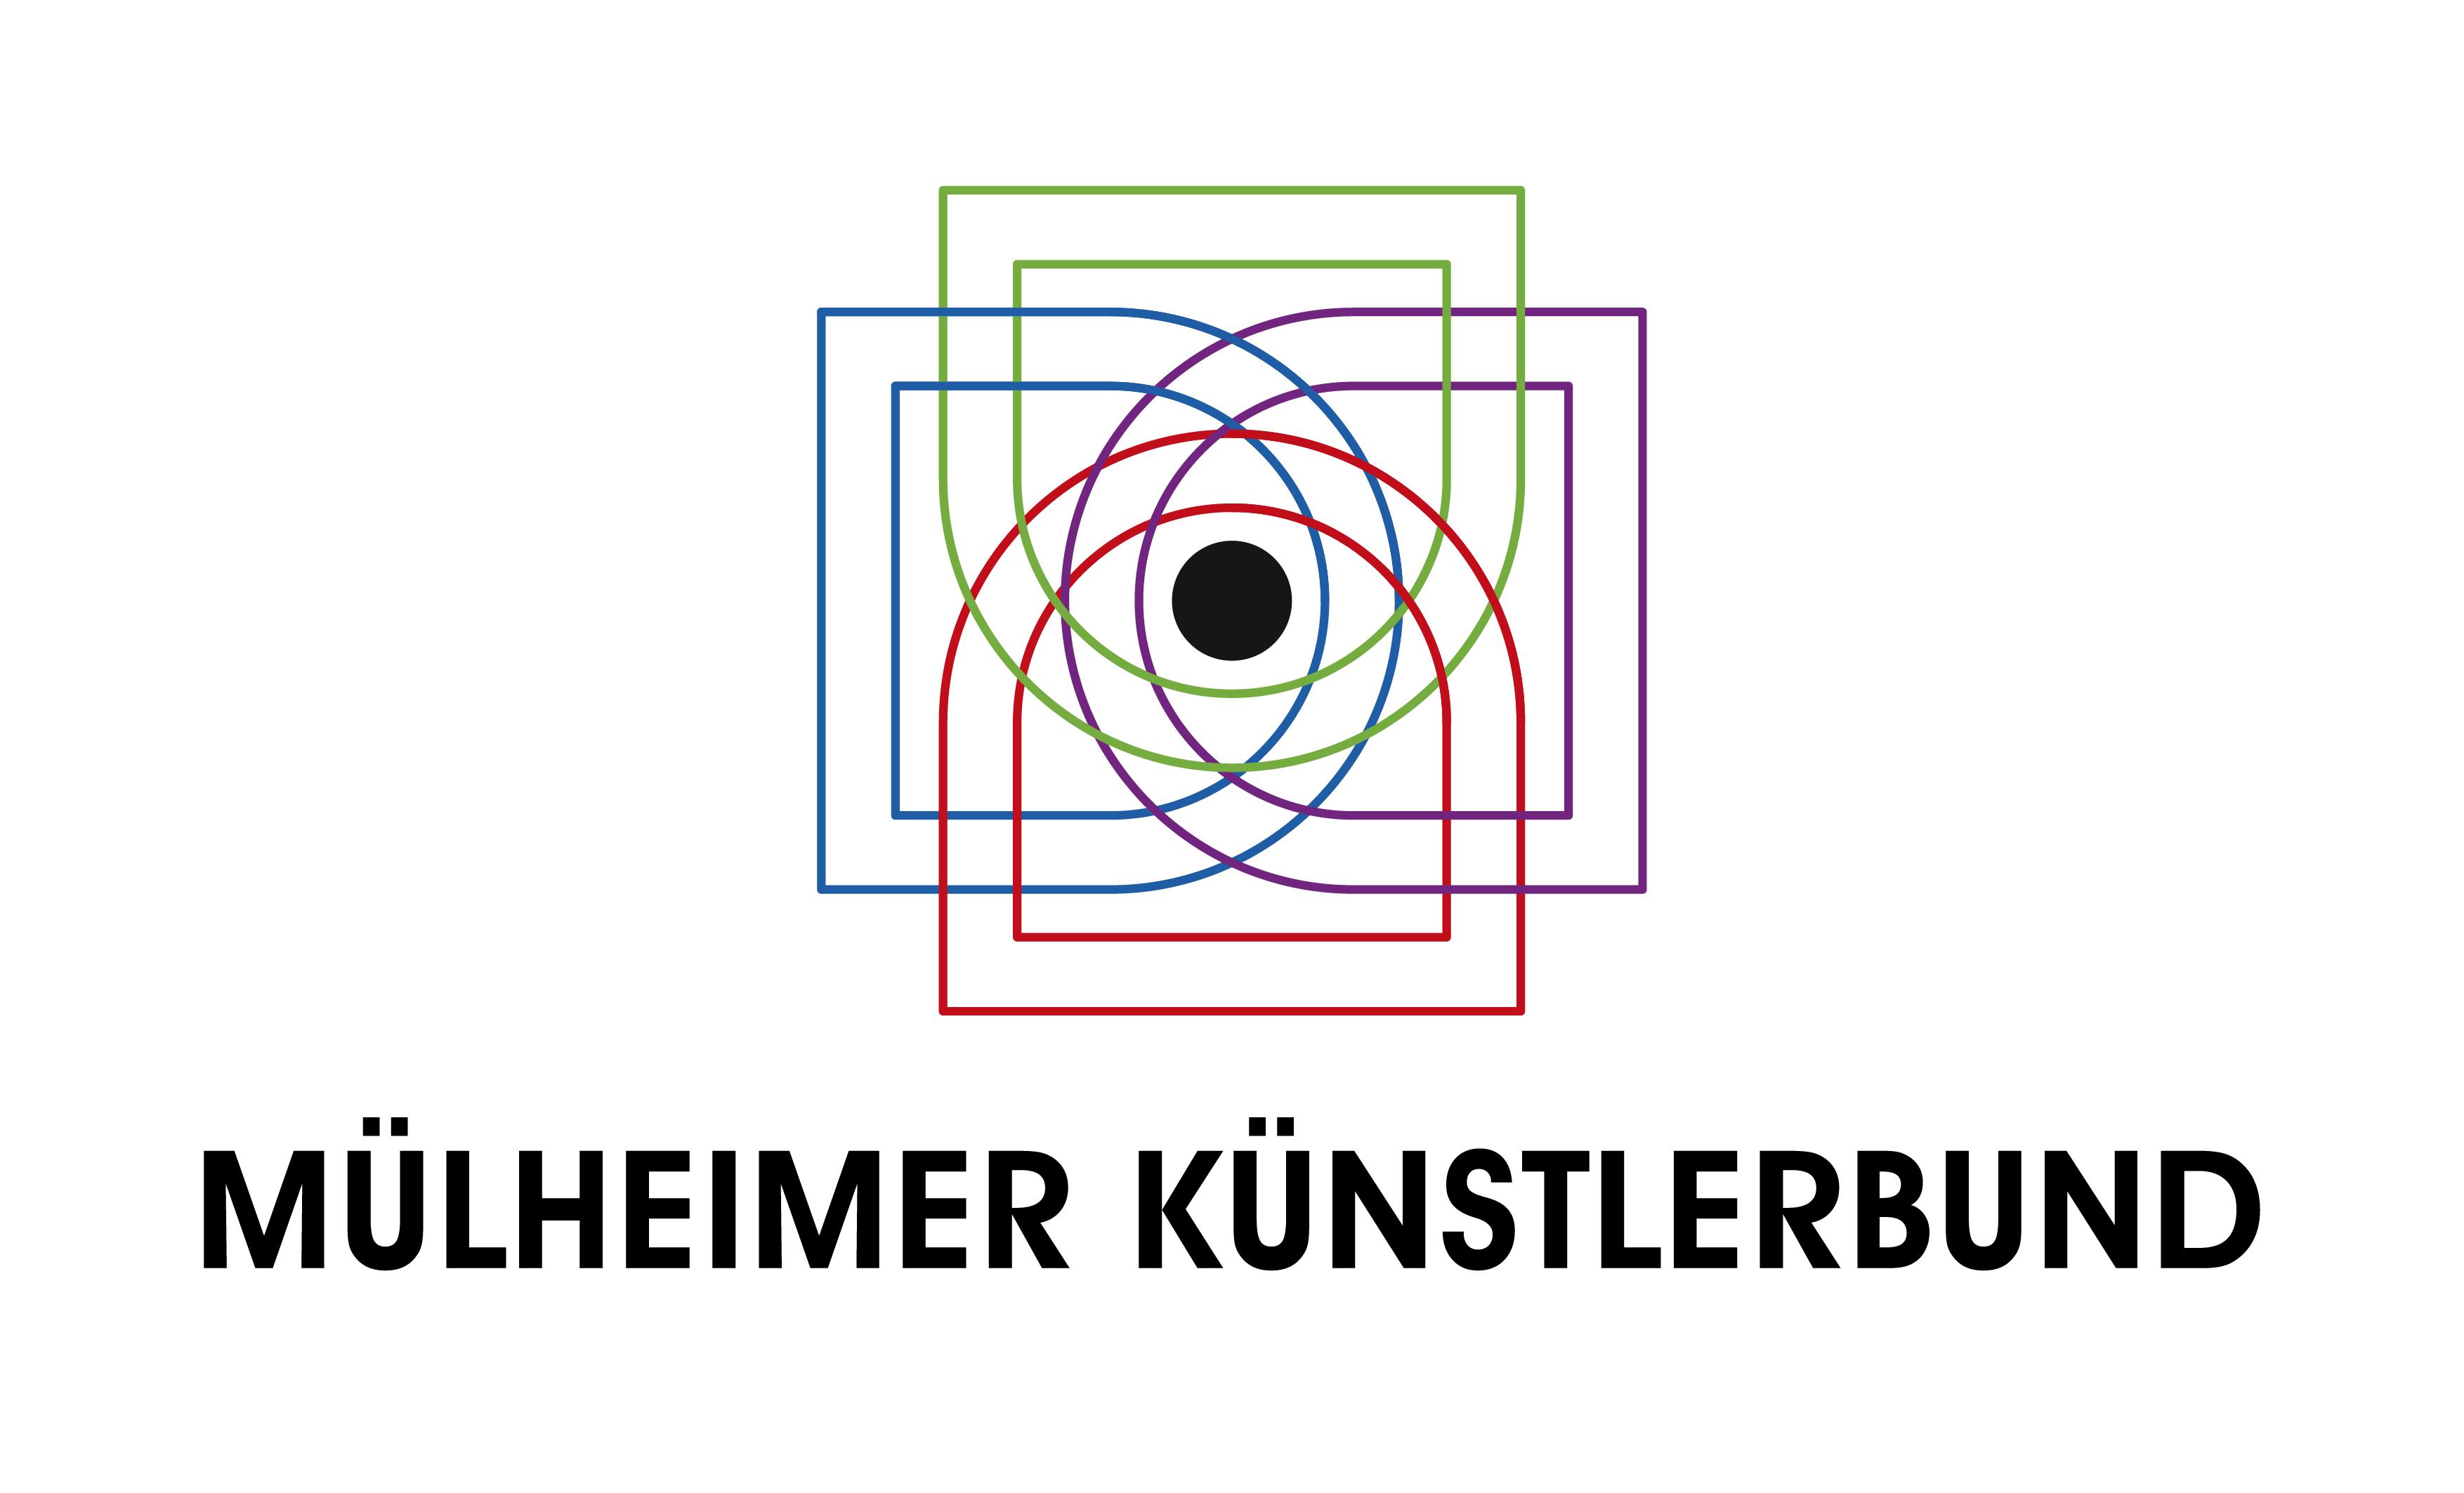 """Mülheimer Künstler im Mülheimer Künstlerbund veranstalten """"Winter-Accrochage im Atelierhaus in der Ruhrstraße 3 / Ecke Delle – Ruhranlage in der Kunststadt Mülheim an der Ruhr  bis 27. Februar 2020"""